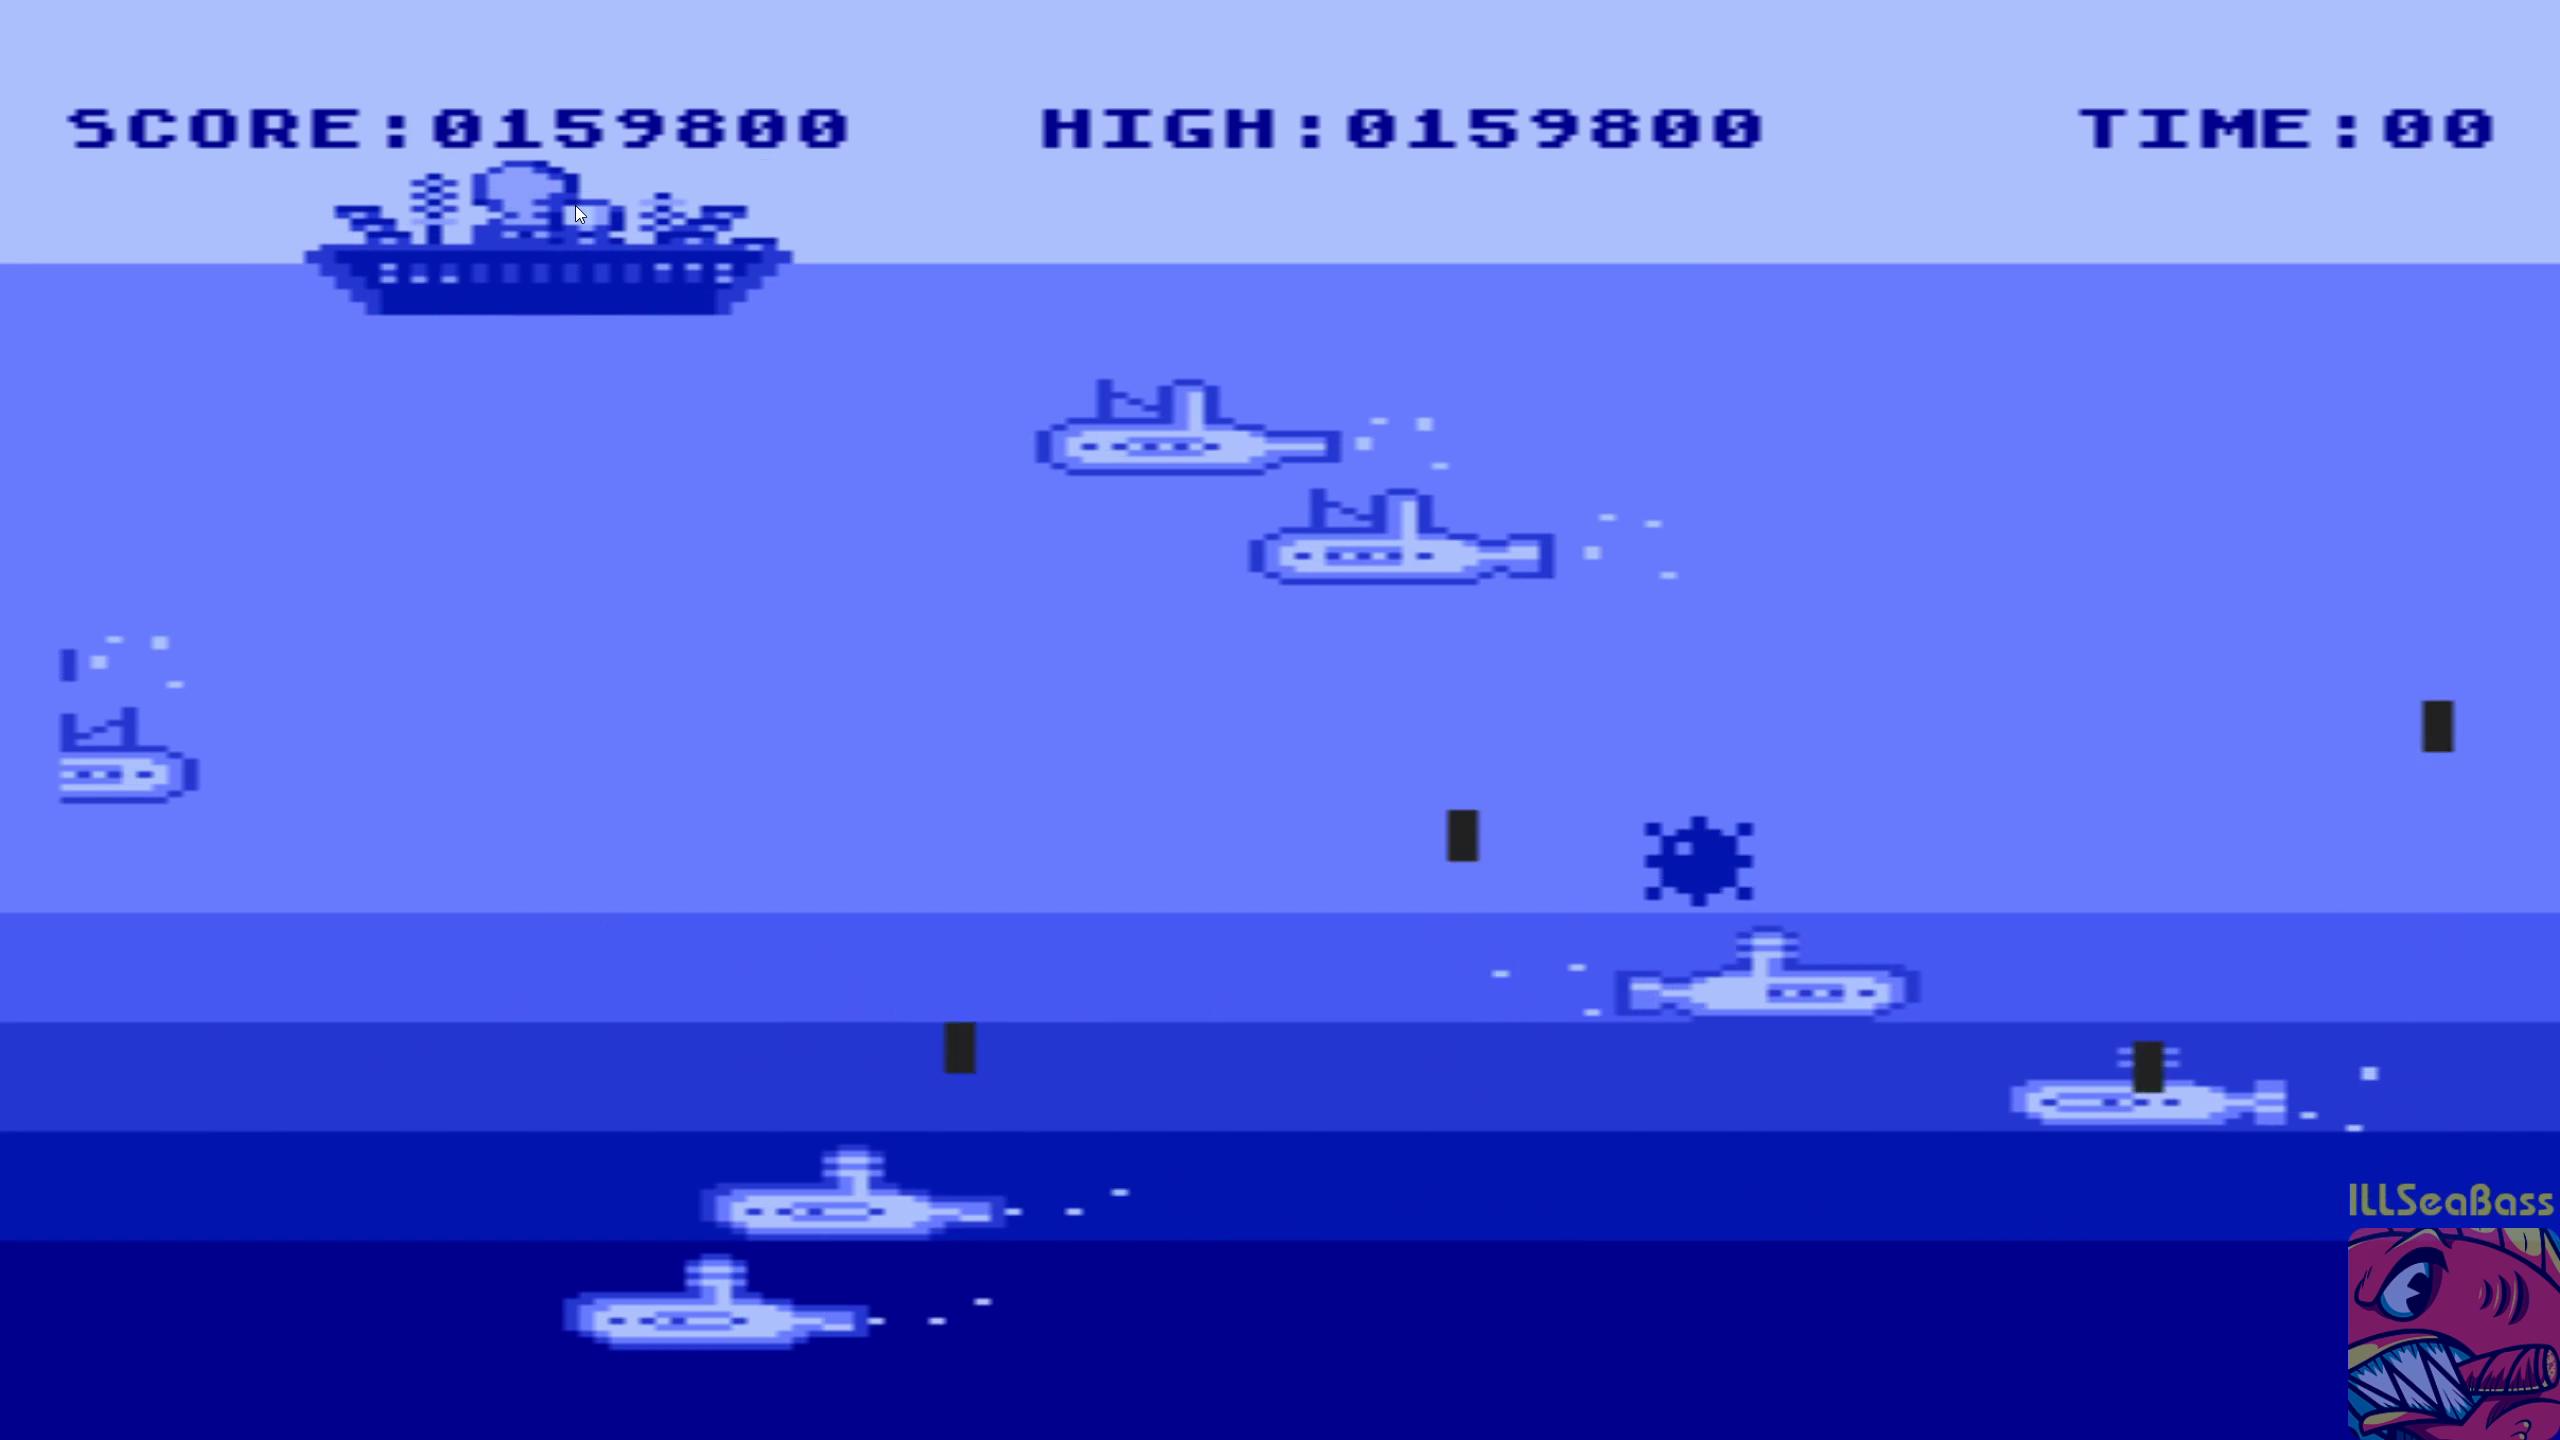 ILLSeaBass: Blowsub (Atari 400/800/XL/XE Emulated) 159,800 points on 2018-12-31 00:30:52